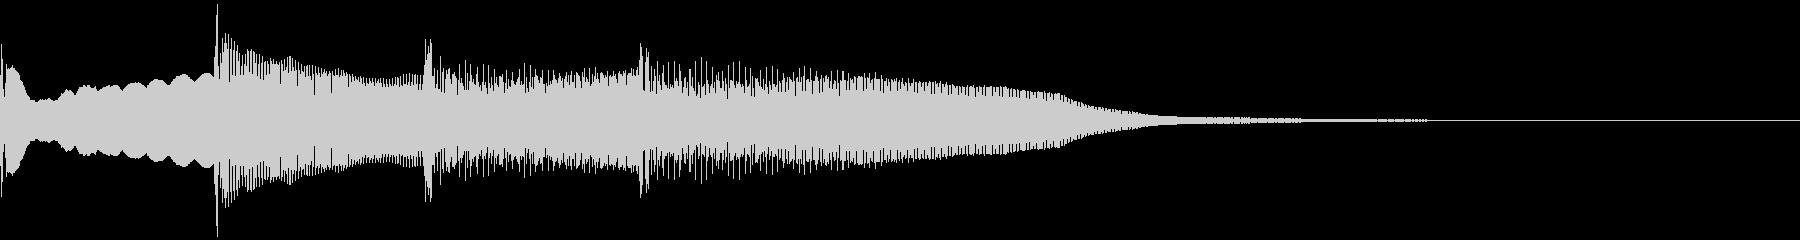 【放送】ピンポンパンポーン↓の未再生の波形